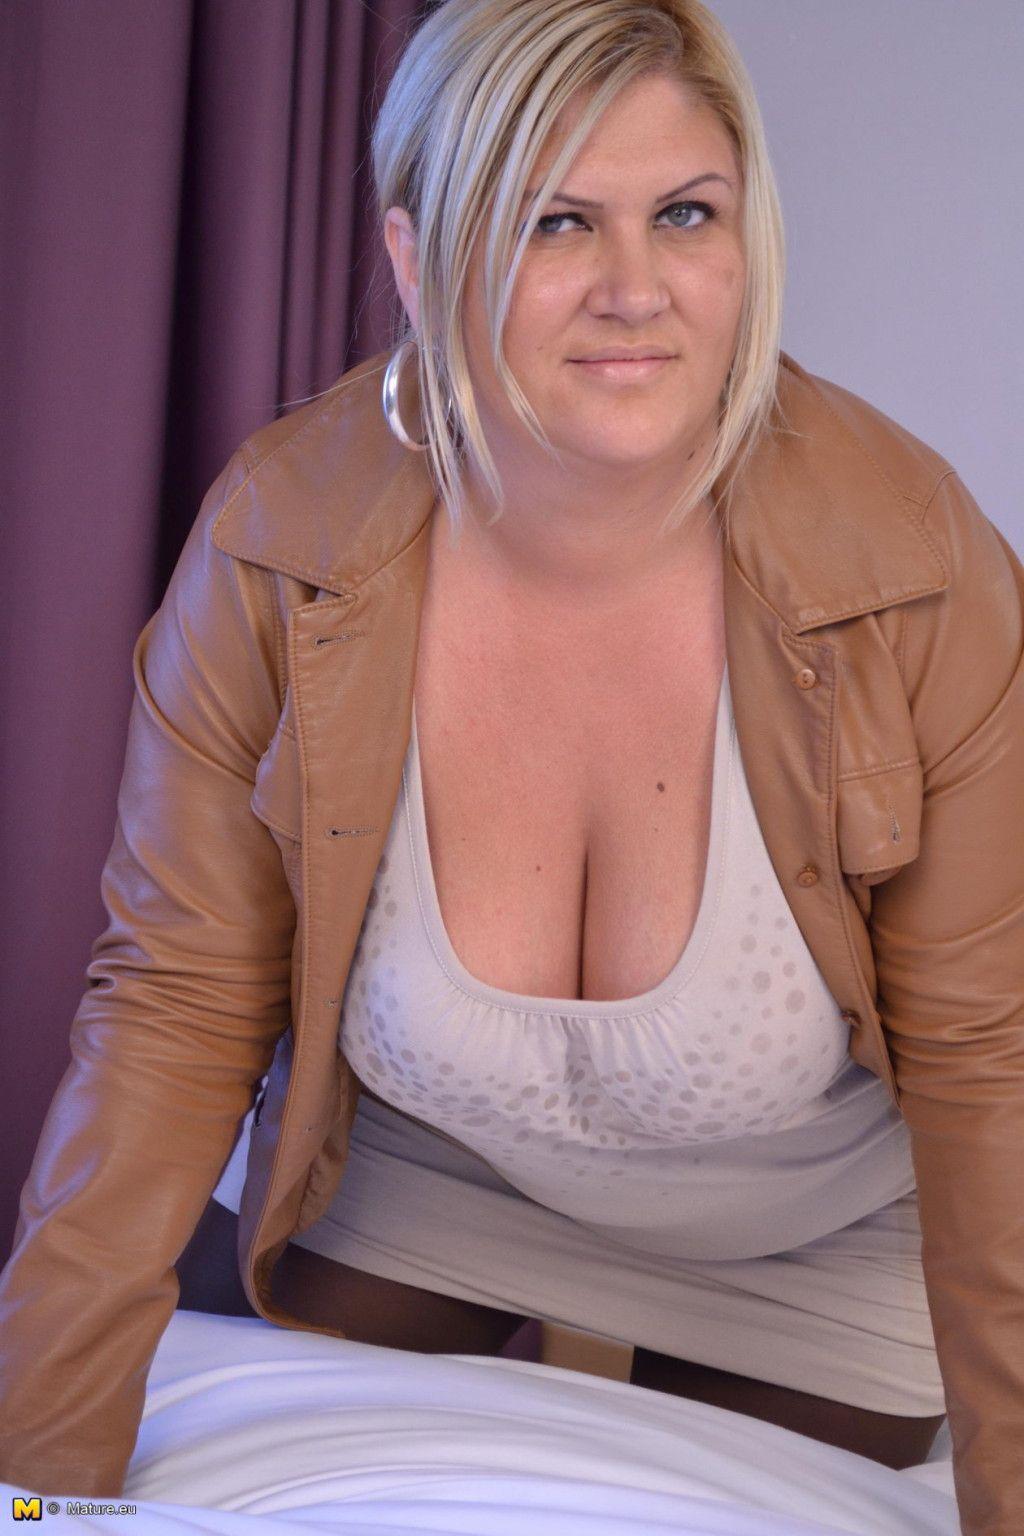 Lovely chunky mature girl